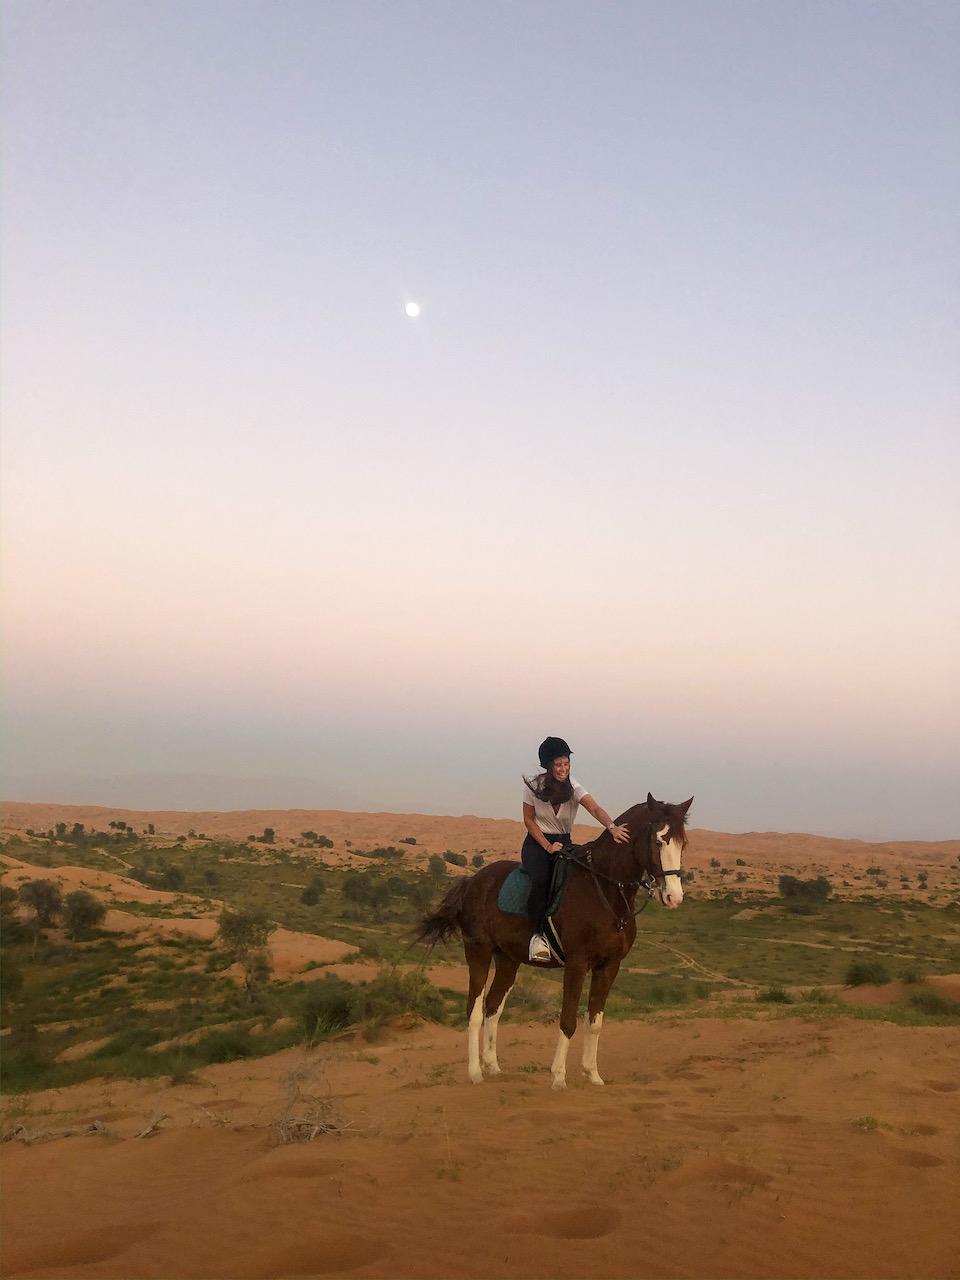 Vakantie Ras Al Khaimah tips - Al Wadi Desert - Chloe Sterk - Amandine Hach - paardrijden